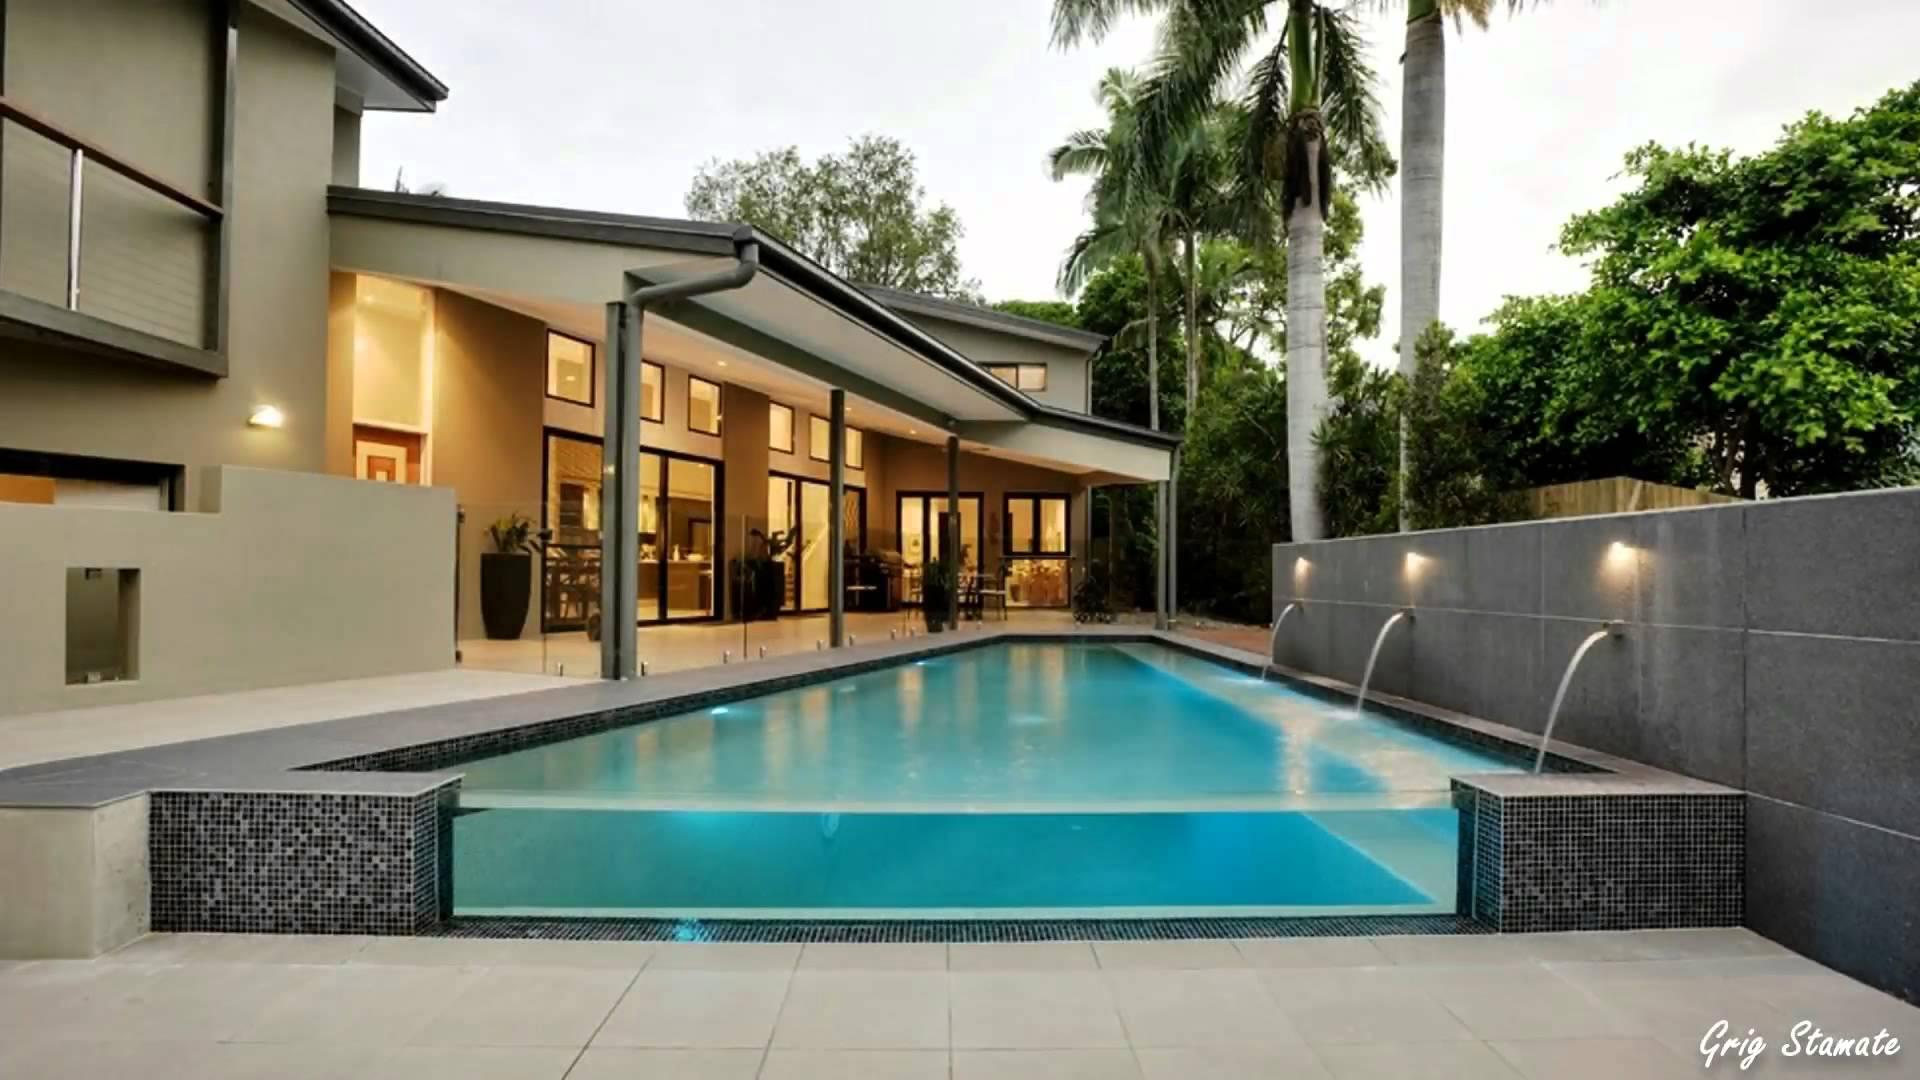 Arquivos piscina de vidro como fazer all about that glass for Piscinas pool